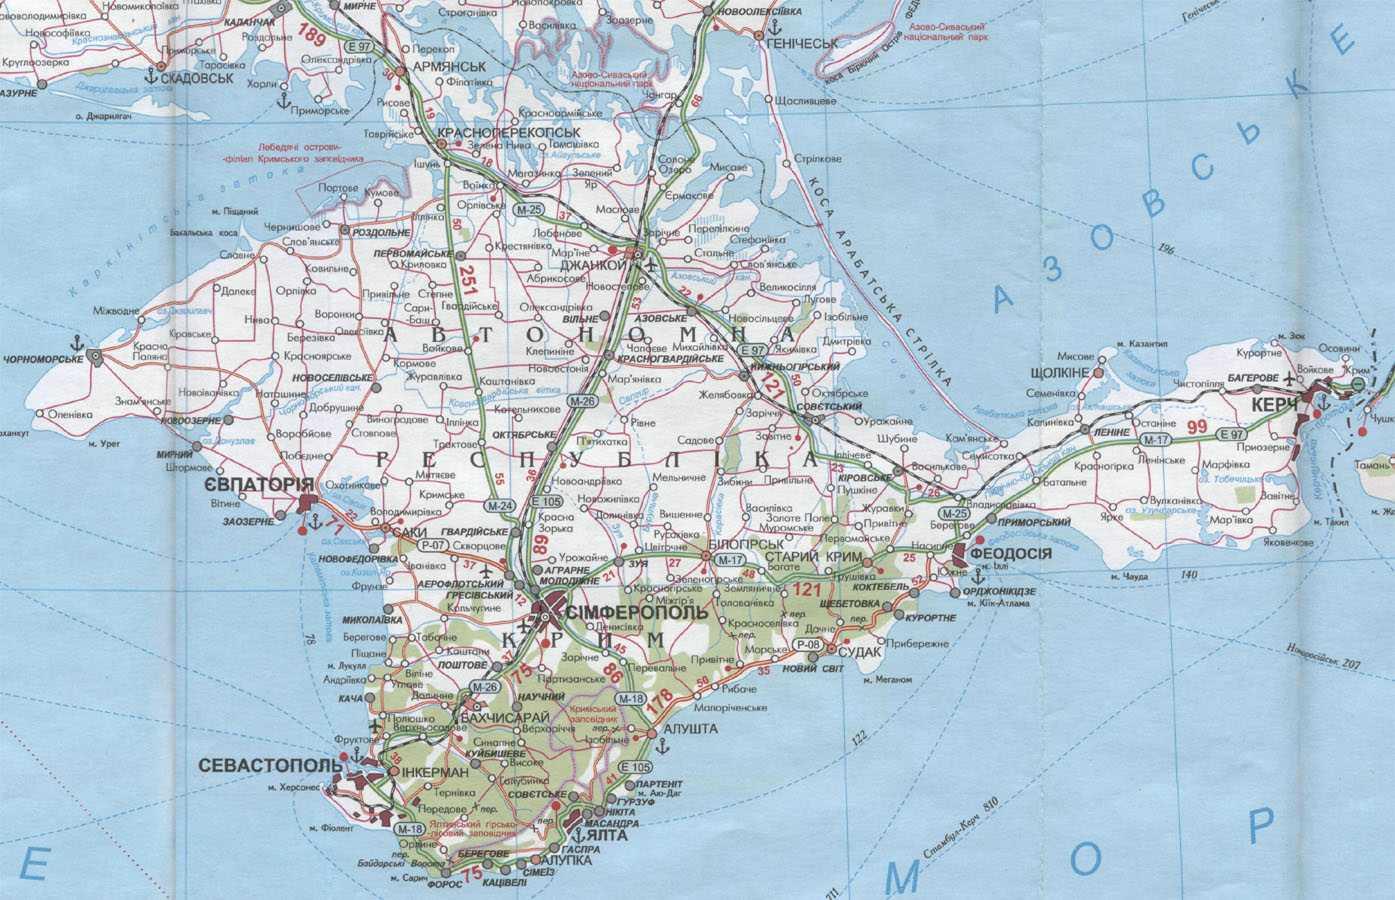 карта автодорог крыма с километражом шашлыка дом это